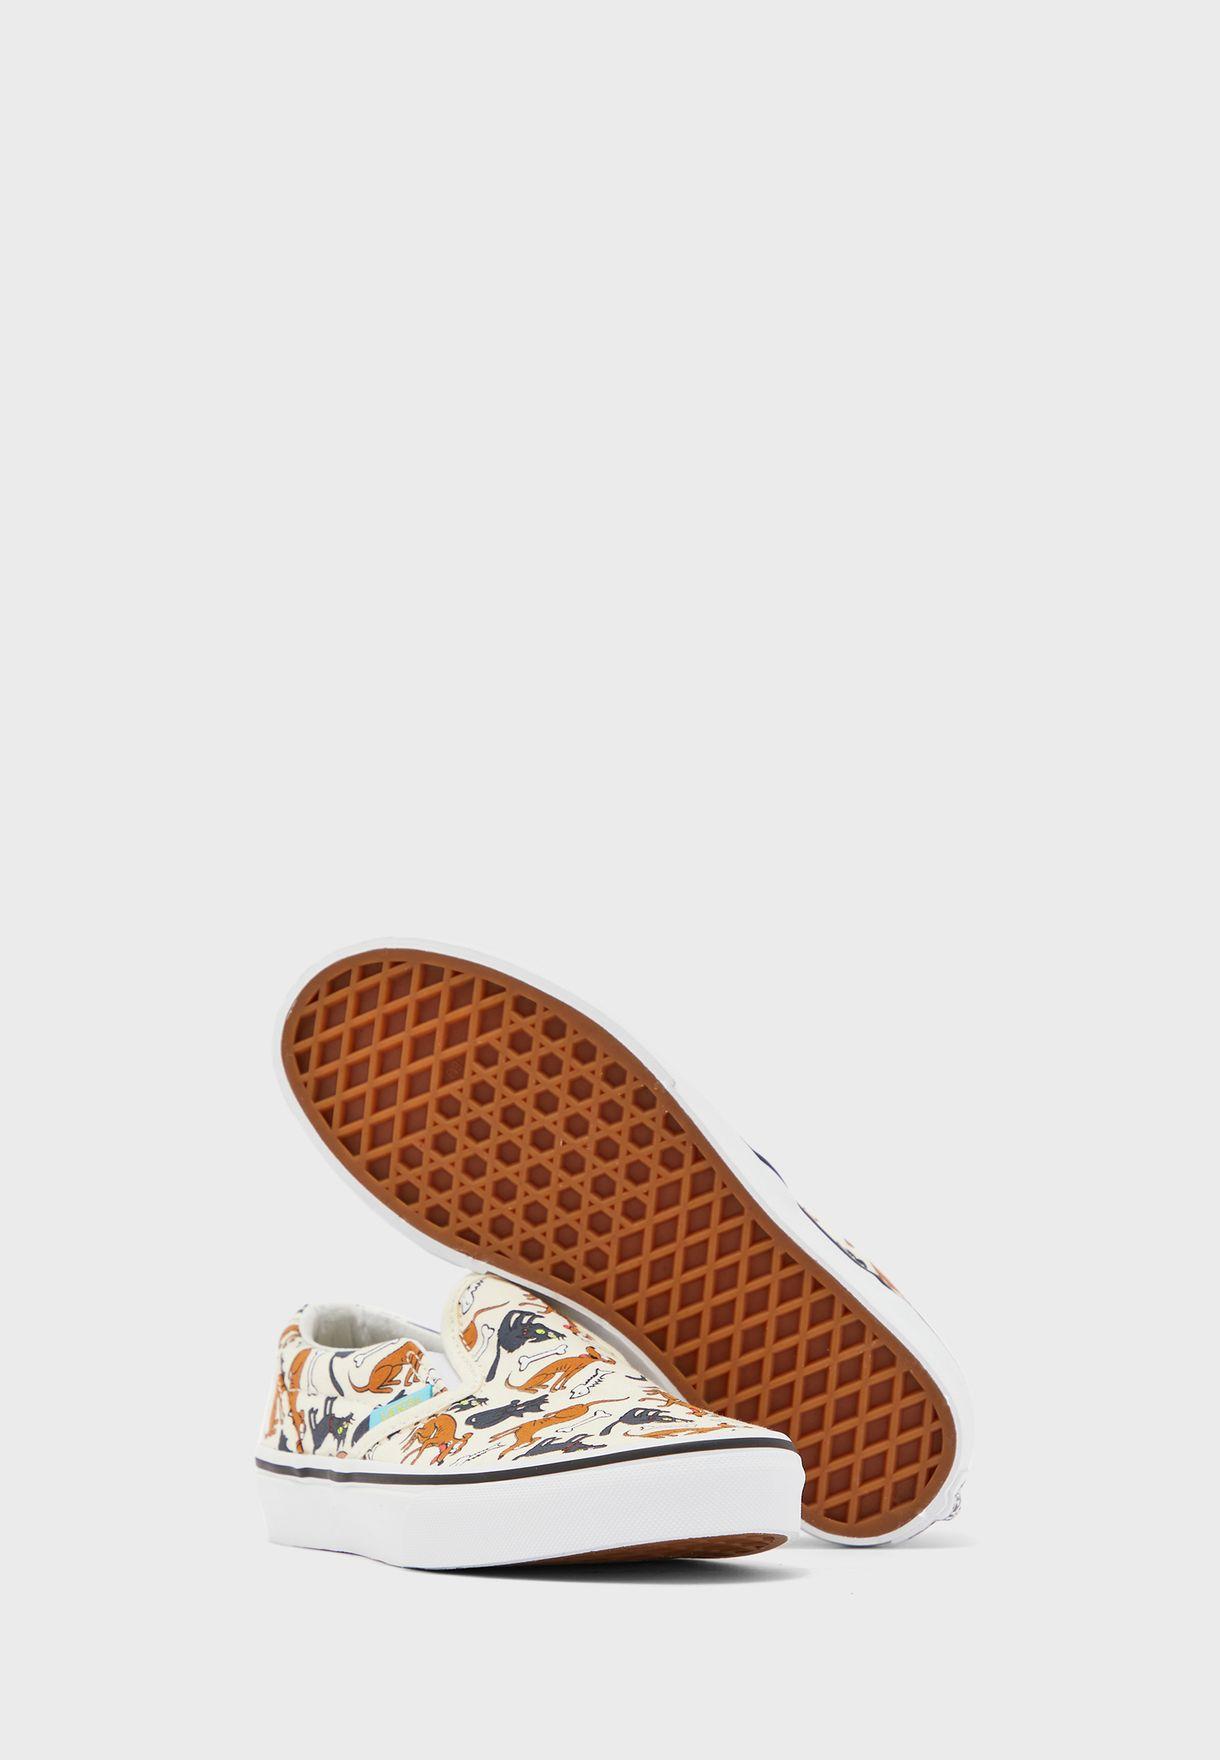 حذاء من مجموعة  ذا سيمبسونز